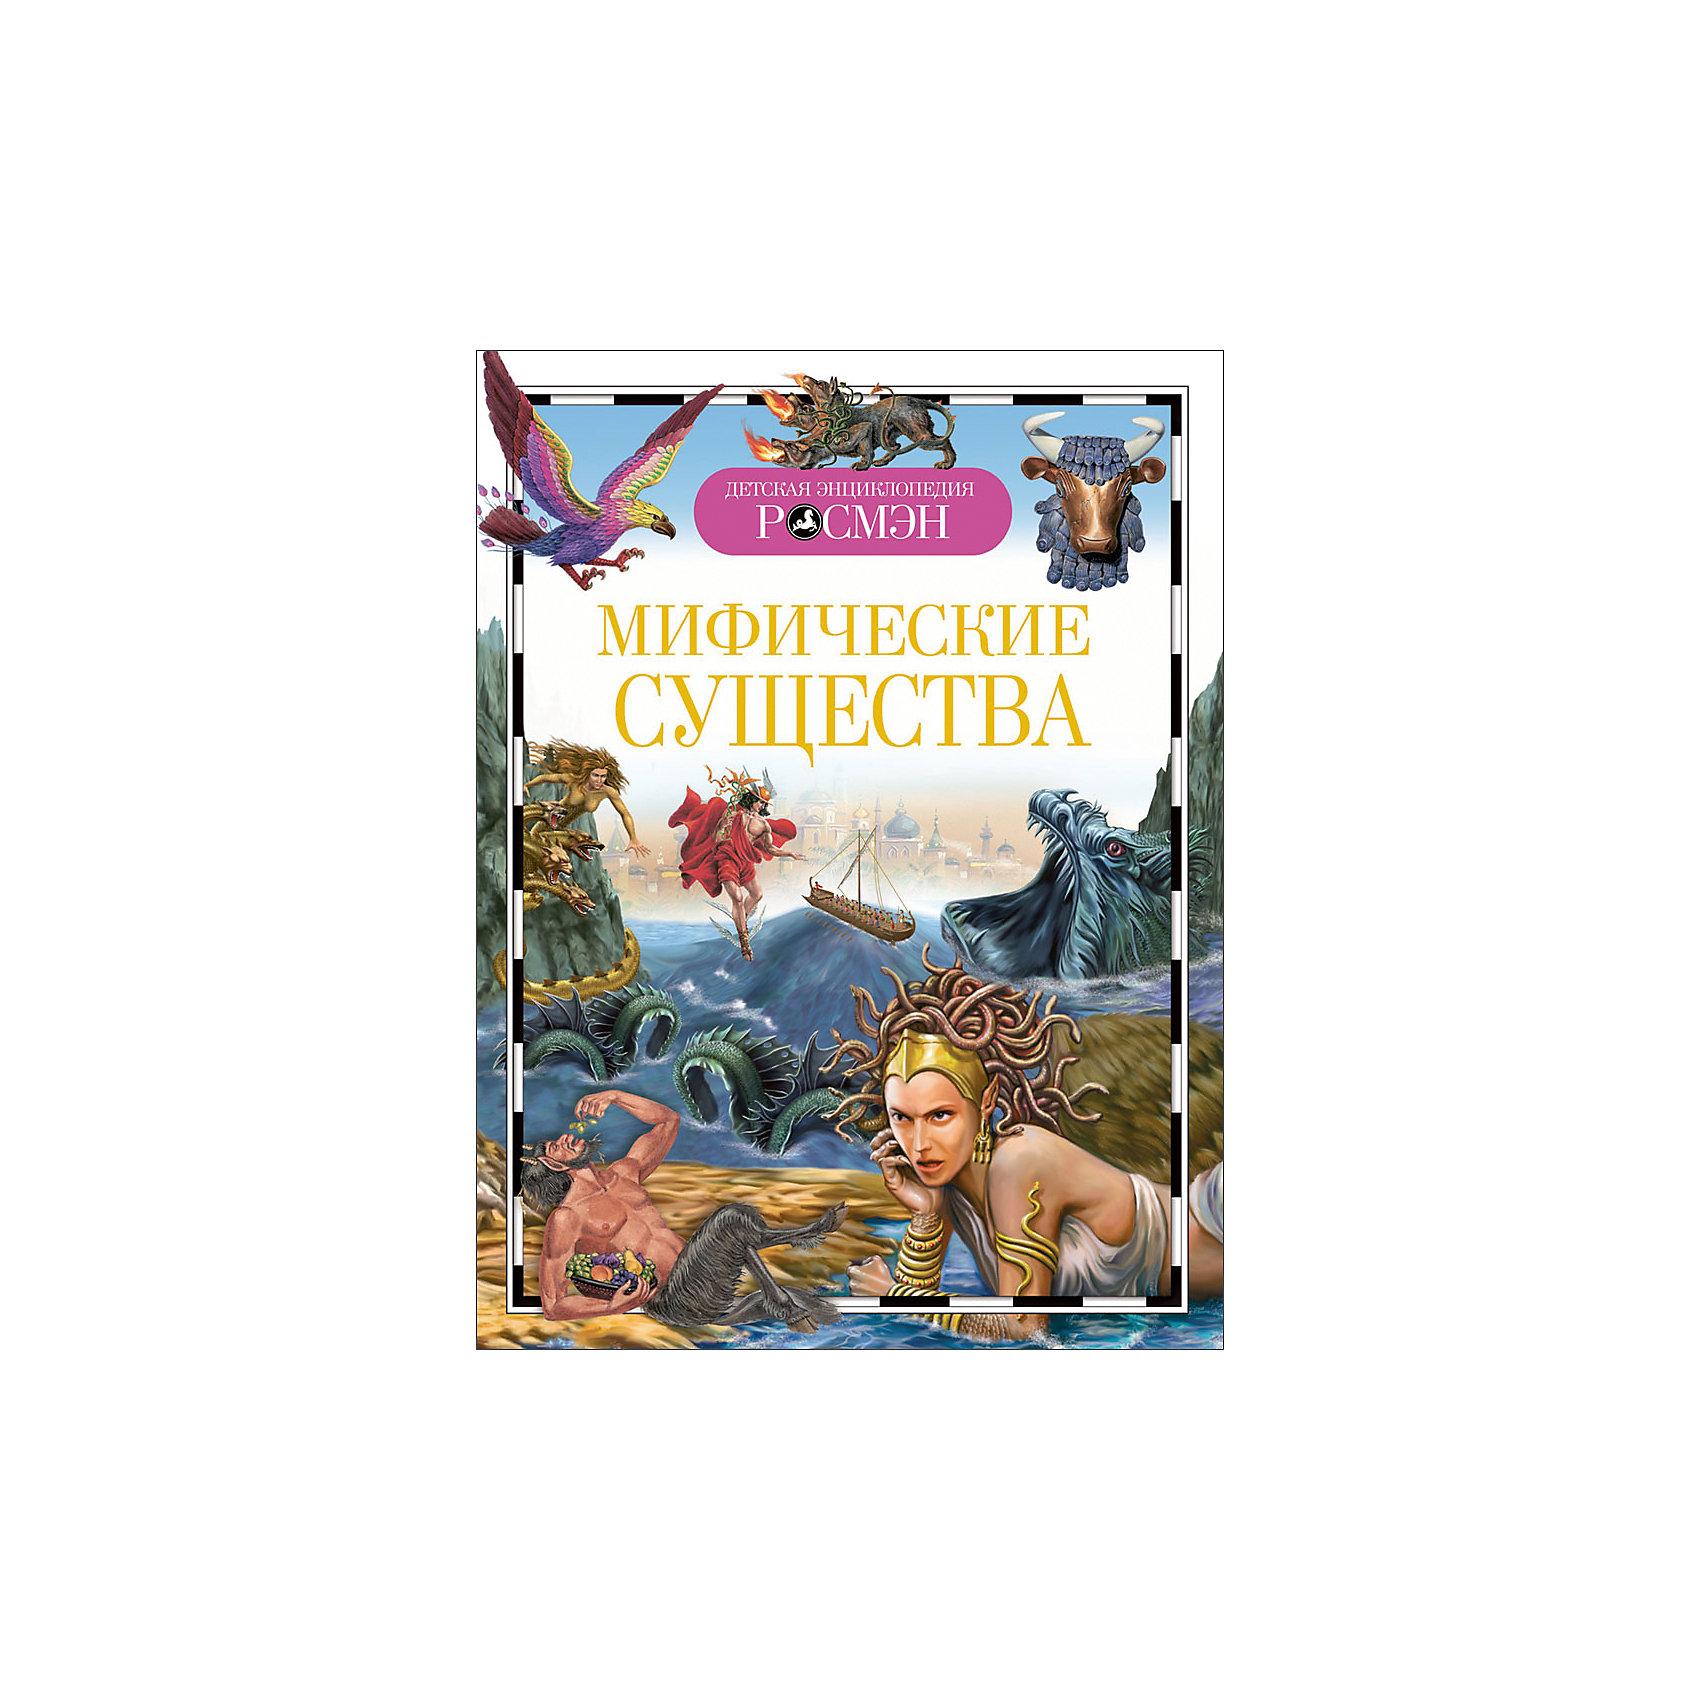 Мифические существаХарактеристики товара:<br><br>- цвет: разноцветный;<br>- материал: бумага;<br>- страниц: 96;<br>- формат: 17 x 21 см;<br>- обложка: твердая;<br>- цветные иллюстрации.<br><br>Эта интересная книга с иллюстрациями станет отличным подарком для ребенка. Она содержит в себе ответы на вопросы, которые интересуют малышей. Всё представлено в очень простой форме! Талантливый иллюстратор дополнил книгу качественными рисунками, которые помогают ребенку понять суть многих вещей в нашем мире. Удивительные и интересные факты помогут привить любовь к учебе!<br>Чтение - отличный способ активизации мышления, оно помогает ребенку развивать зрительную память, концентрацию внимания и воображение. Издание произведено из качественных материалов, которые безопасны даже для самых маленьких.<br><br>Книгу Мифические существа от компании Росмэн можно купить в нашем интернет-магазине.<br><br>Ширина мм: 221<br>Глубина мм: 168<br>Высота мм: 7<br>Вес г: 234<br>Возраст от месяцев: 84<br>Возраст до месяцев: 108<br>Пол: Унисекс<br>Возраст: Детский<br>SKU: 5109981